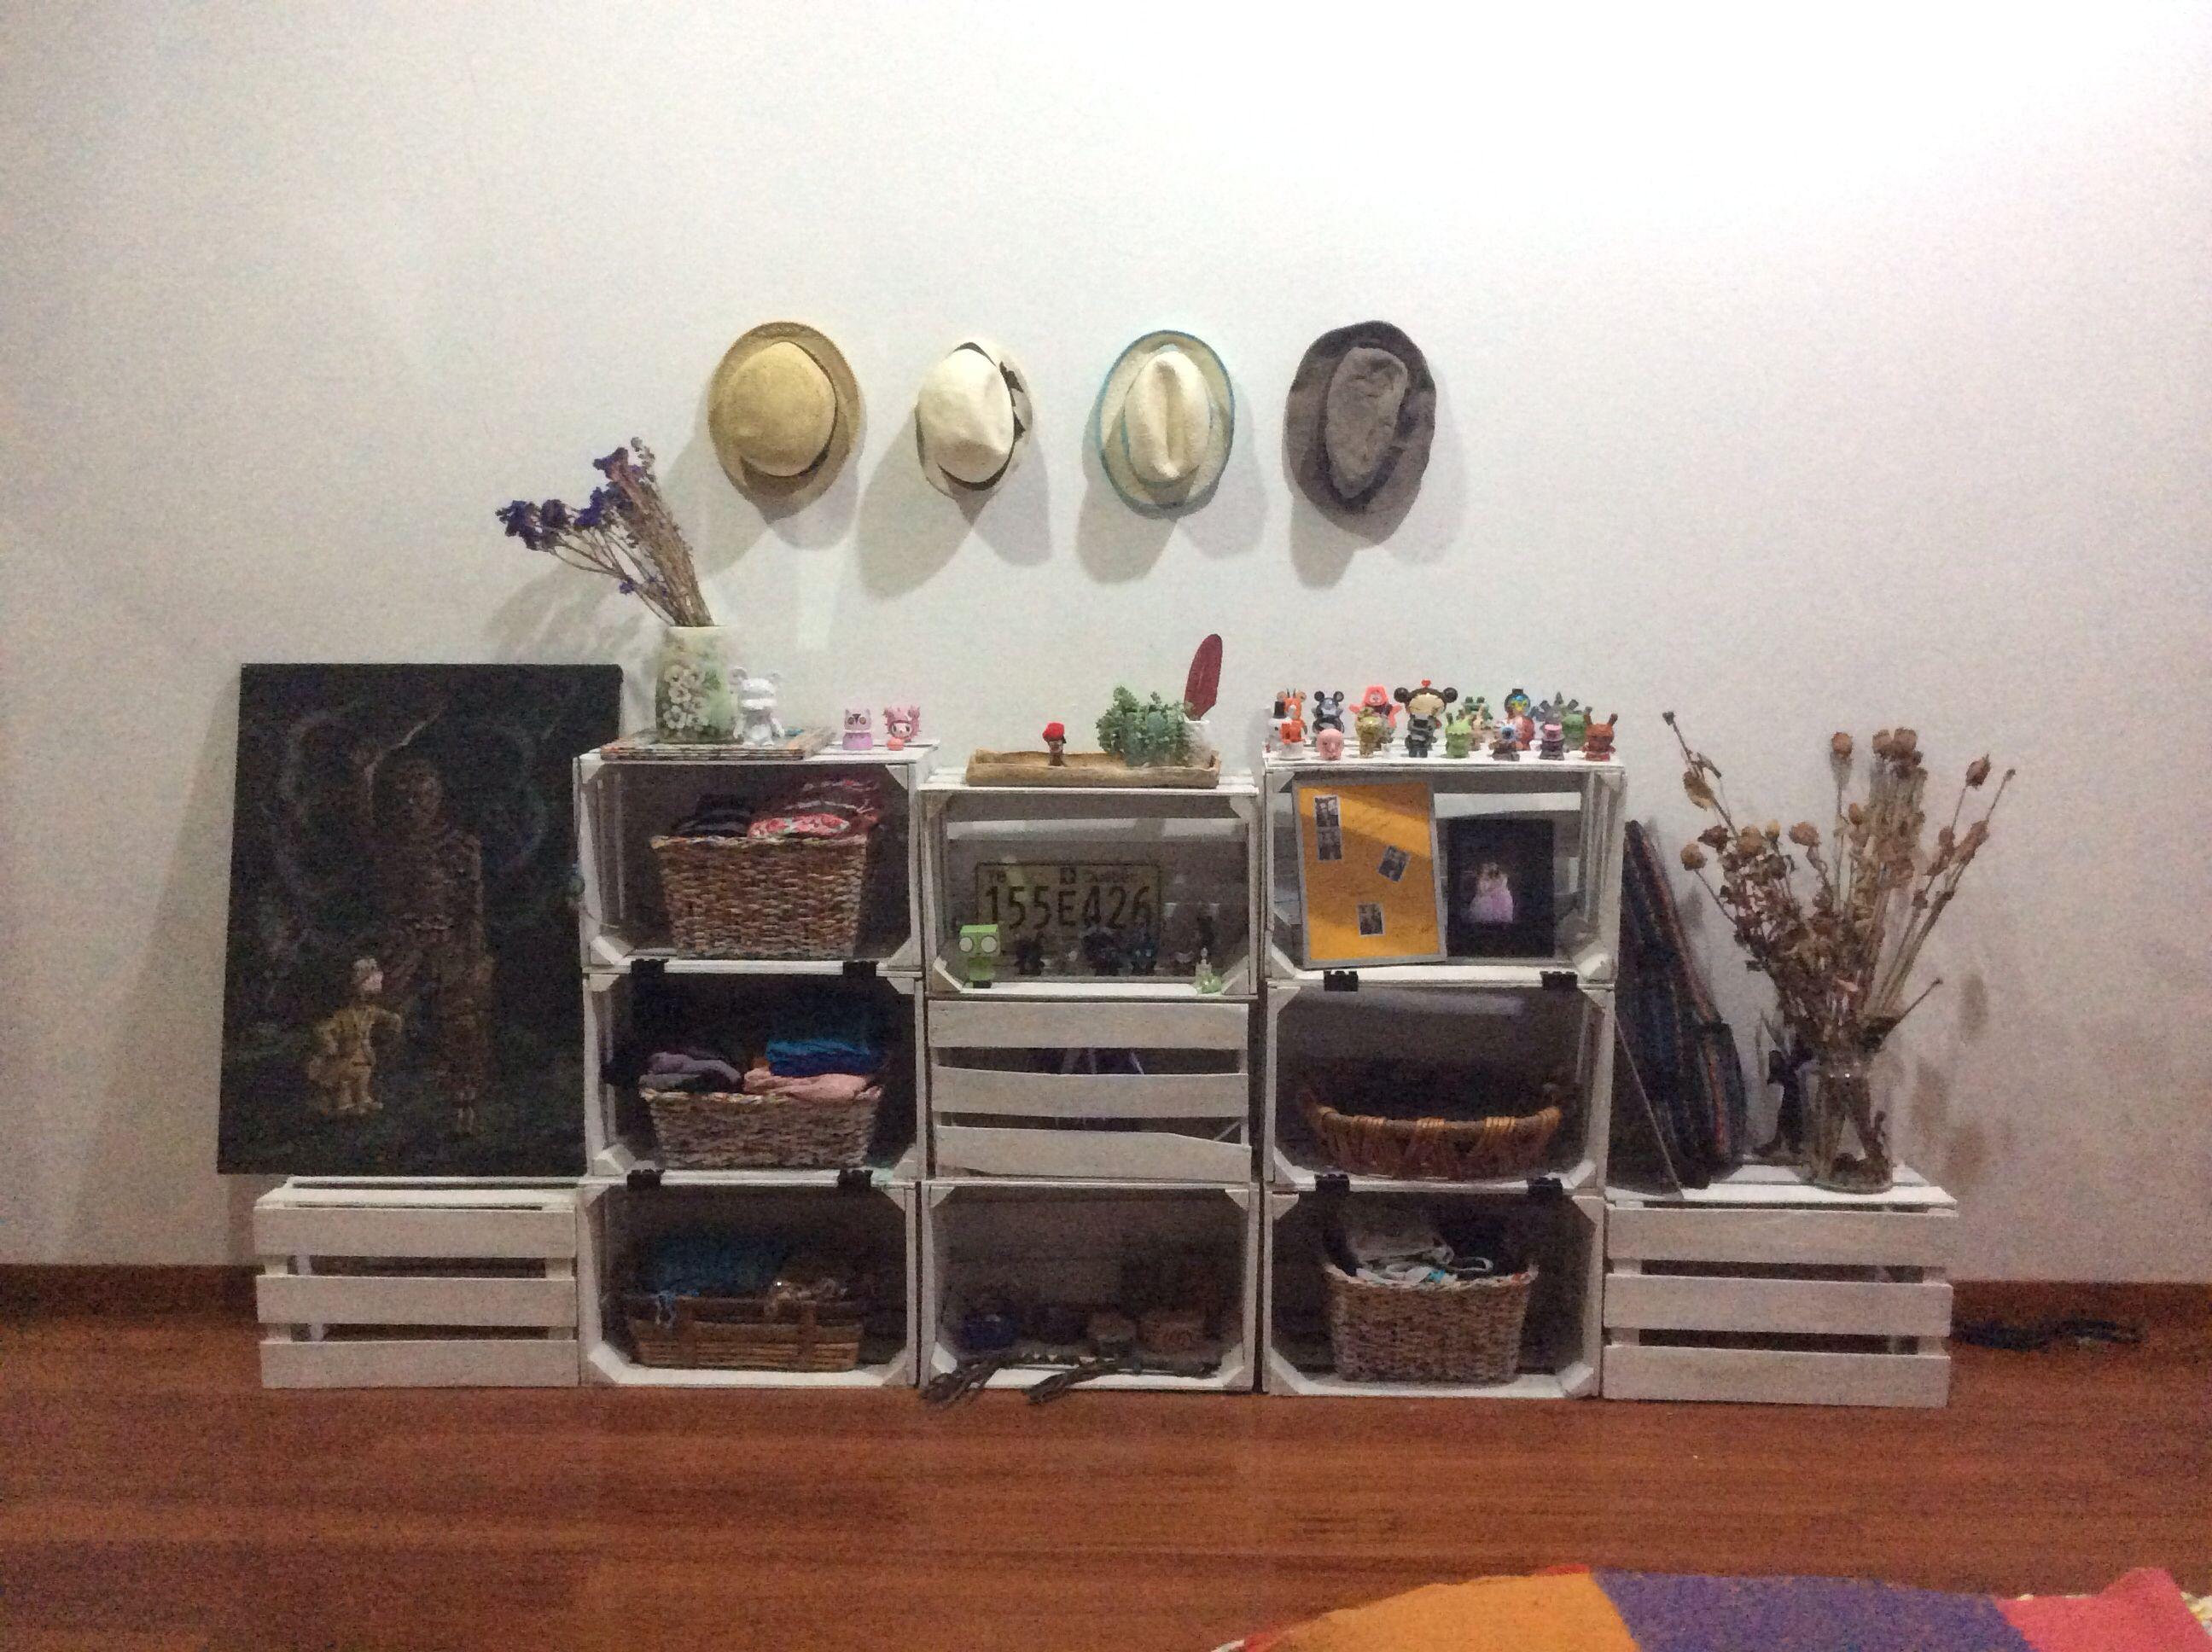 Huacales huacales pinterest muebles reciclados for Muebles reciclados ideas